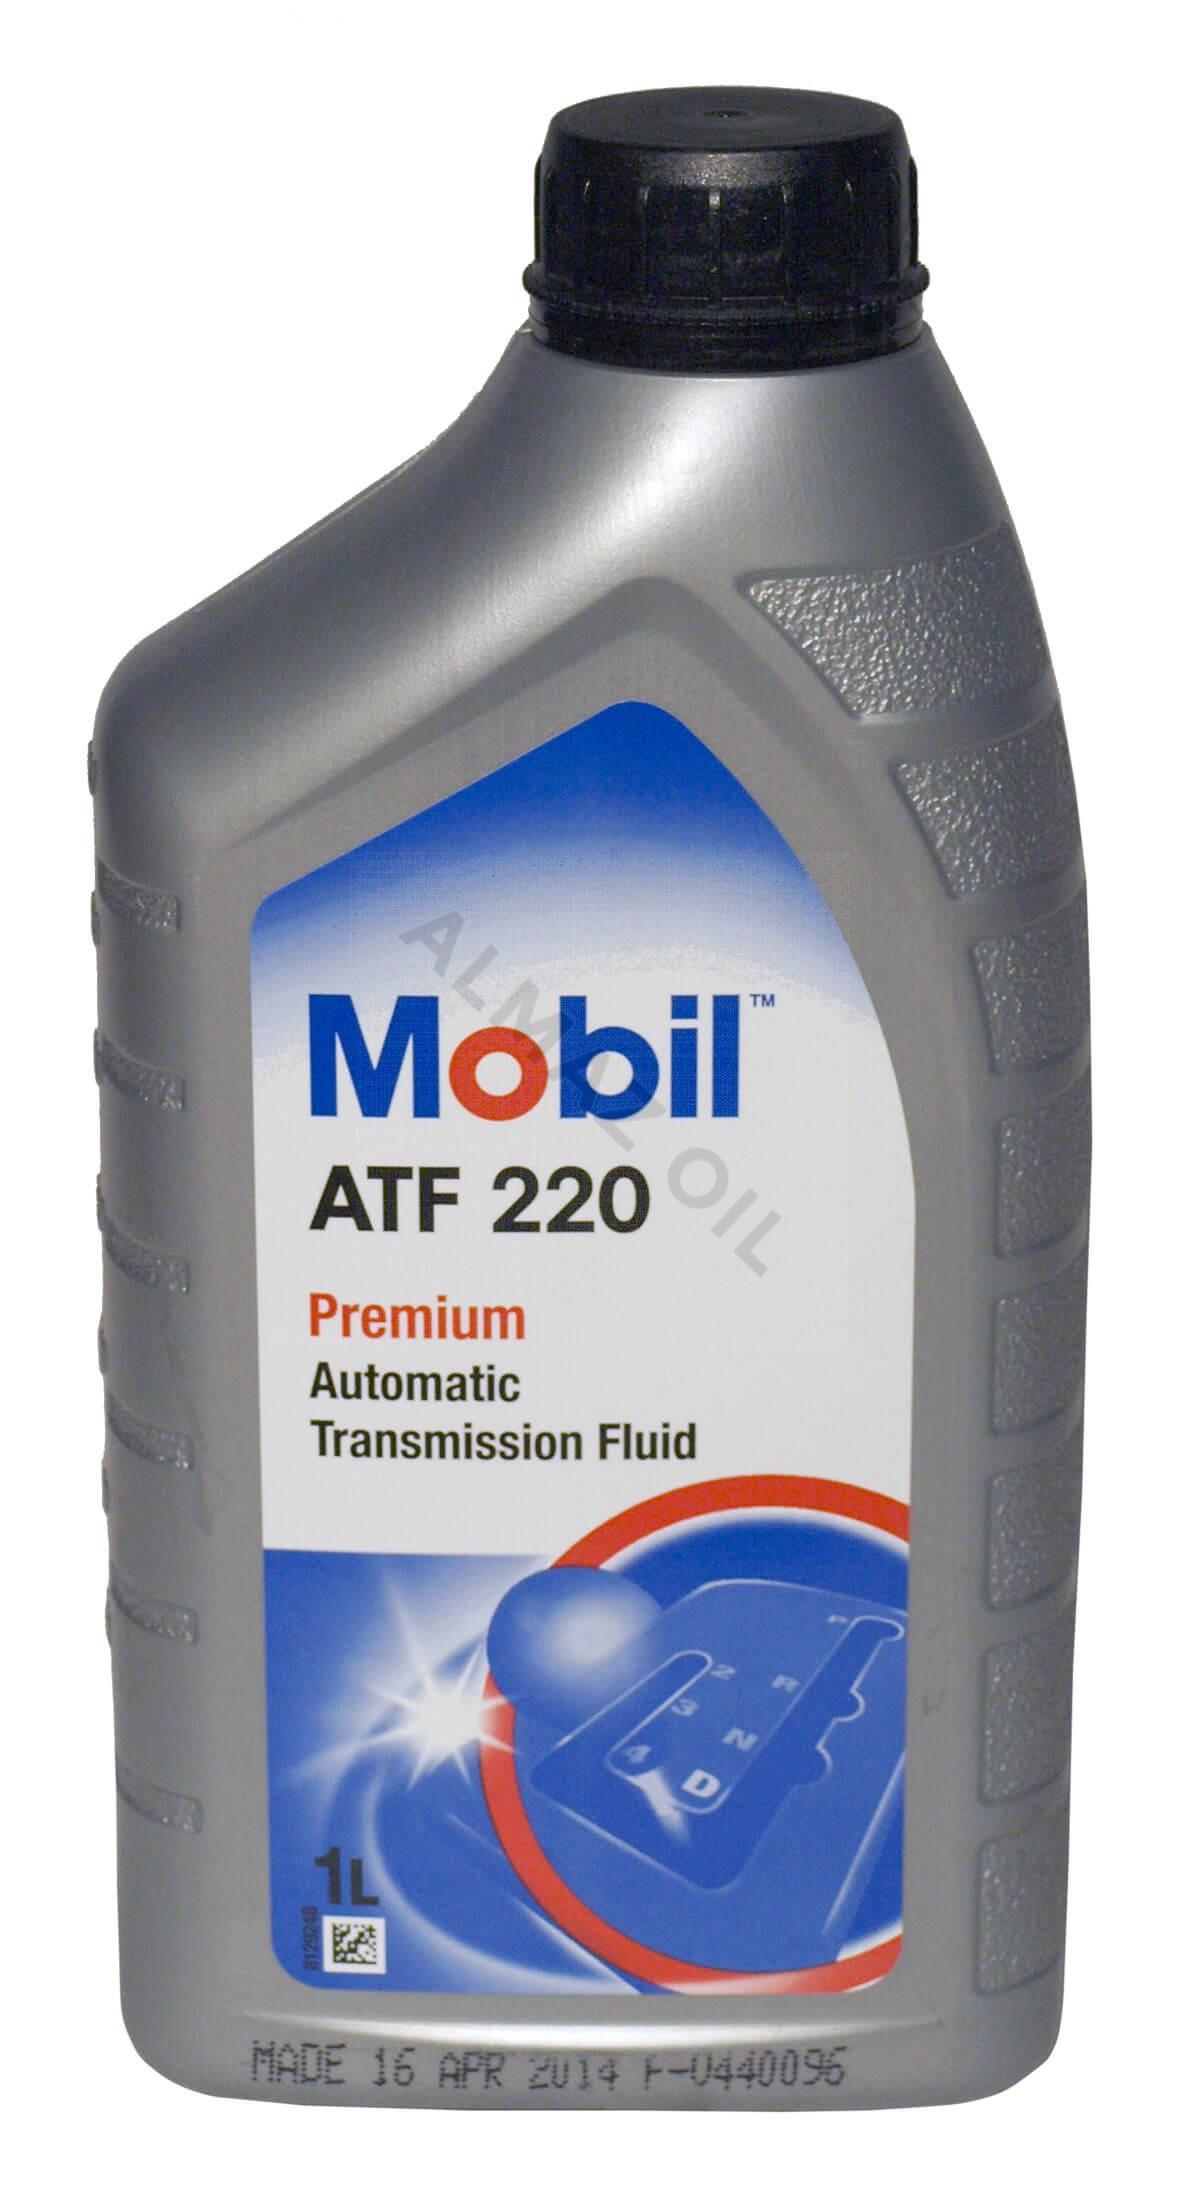 Mobil ATF 220